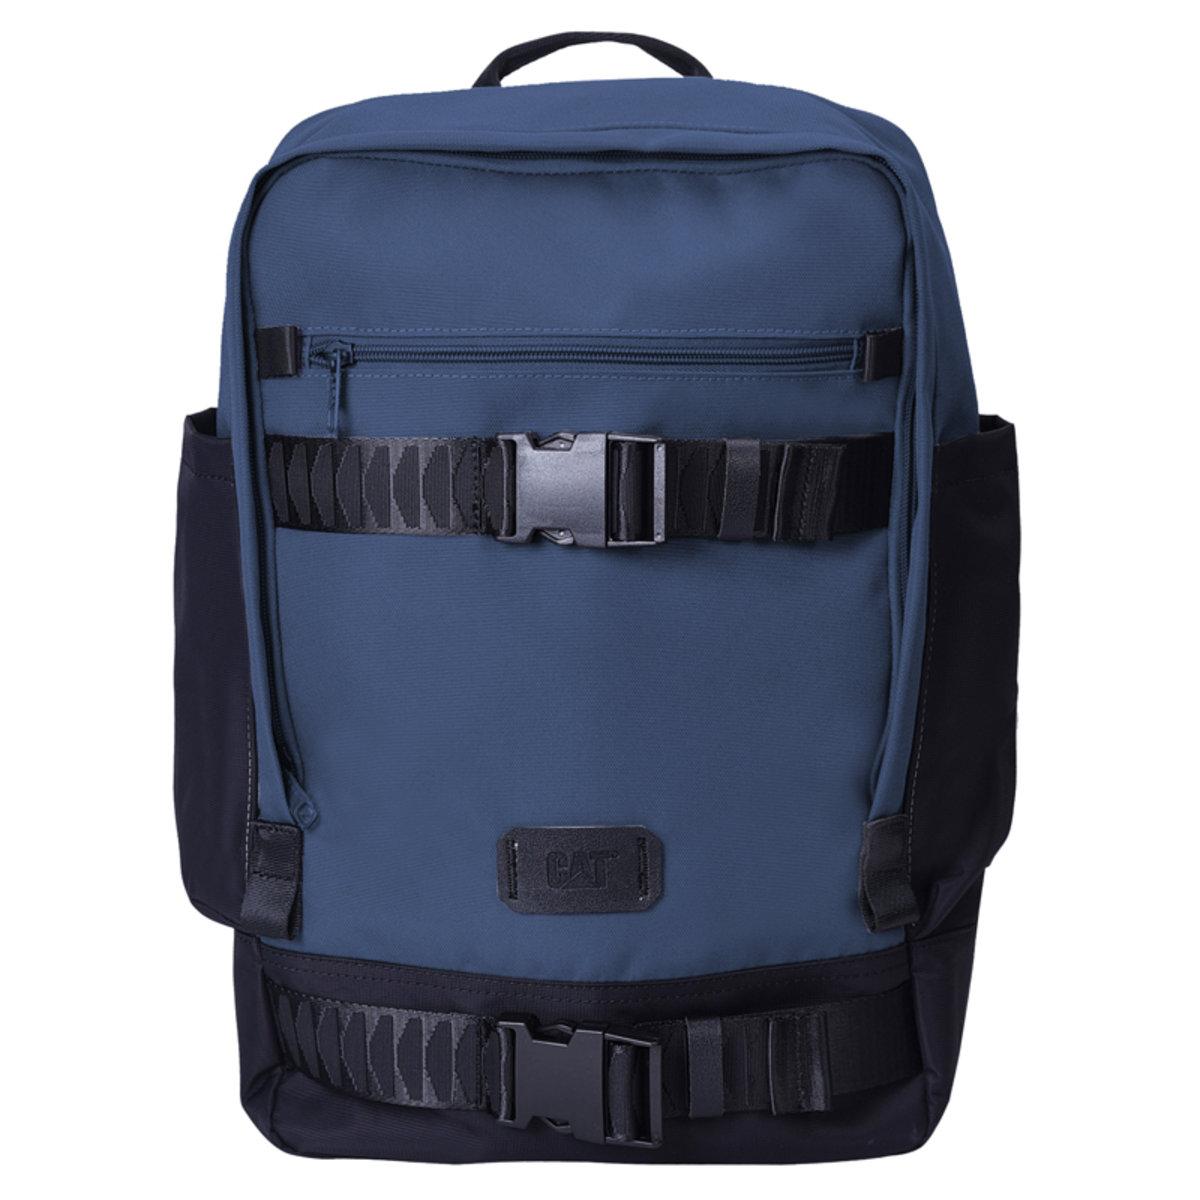 TRACKS BACKPACK (Large) BLUE|背包 背囊 旅遊外出必備